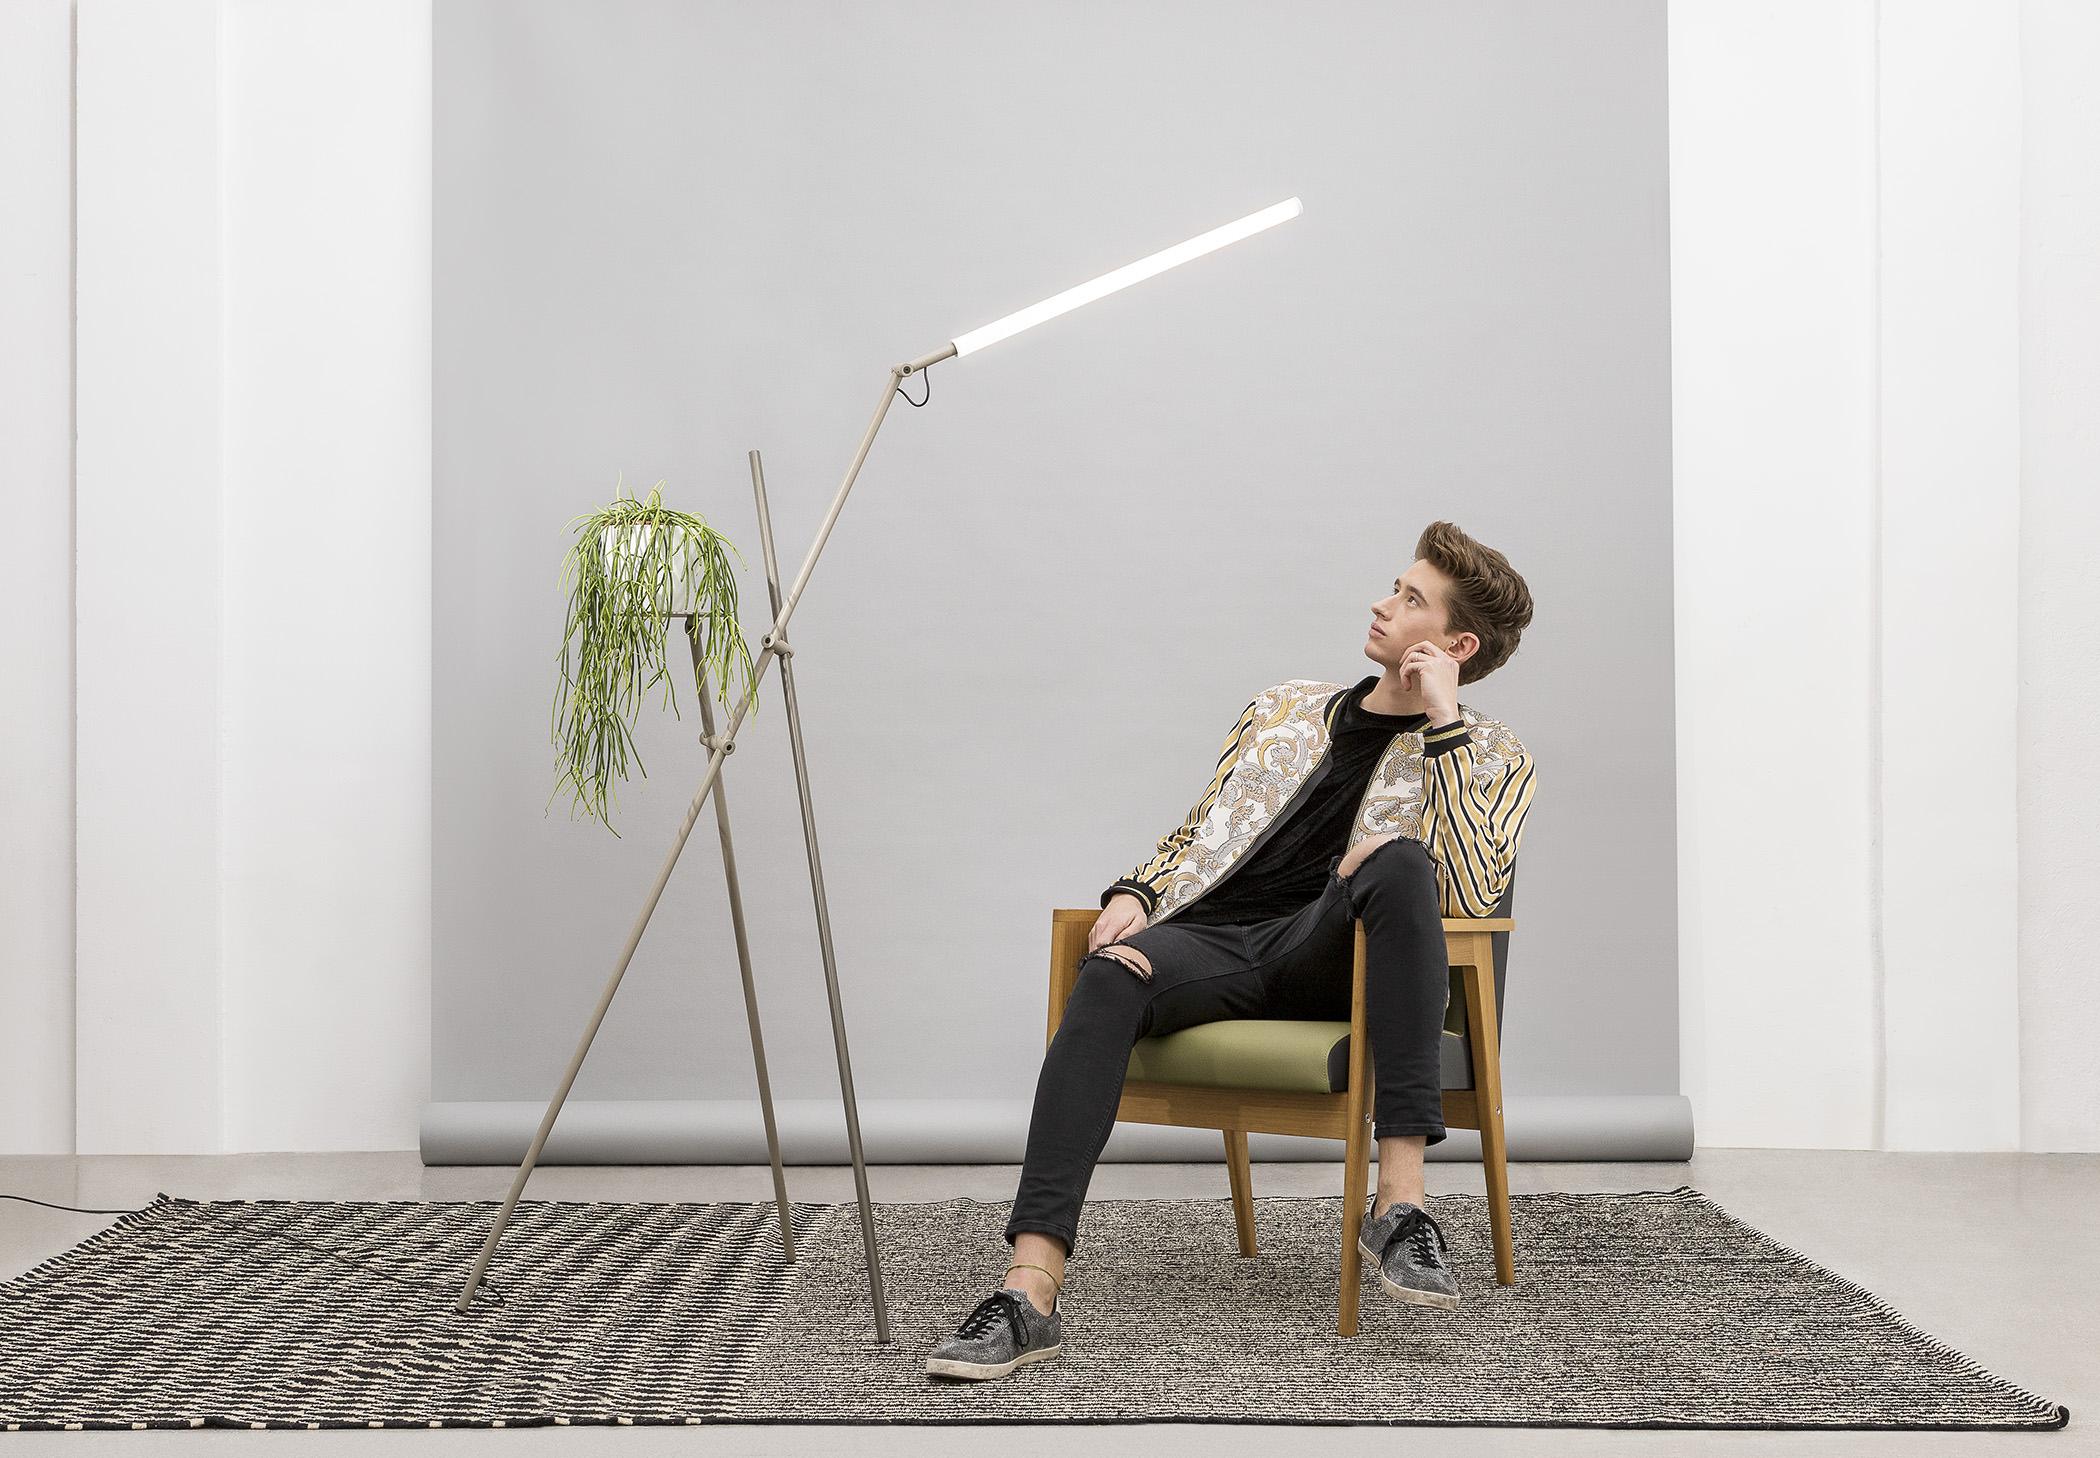 Asana P 3768 Floor Lamp Estiluz Image Ambient 05